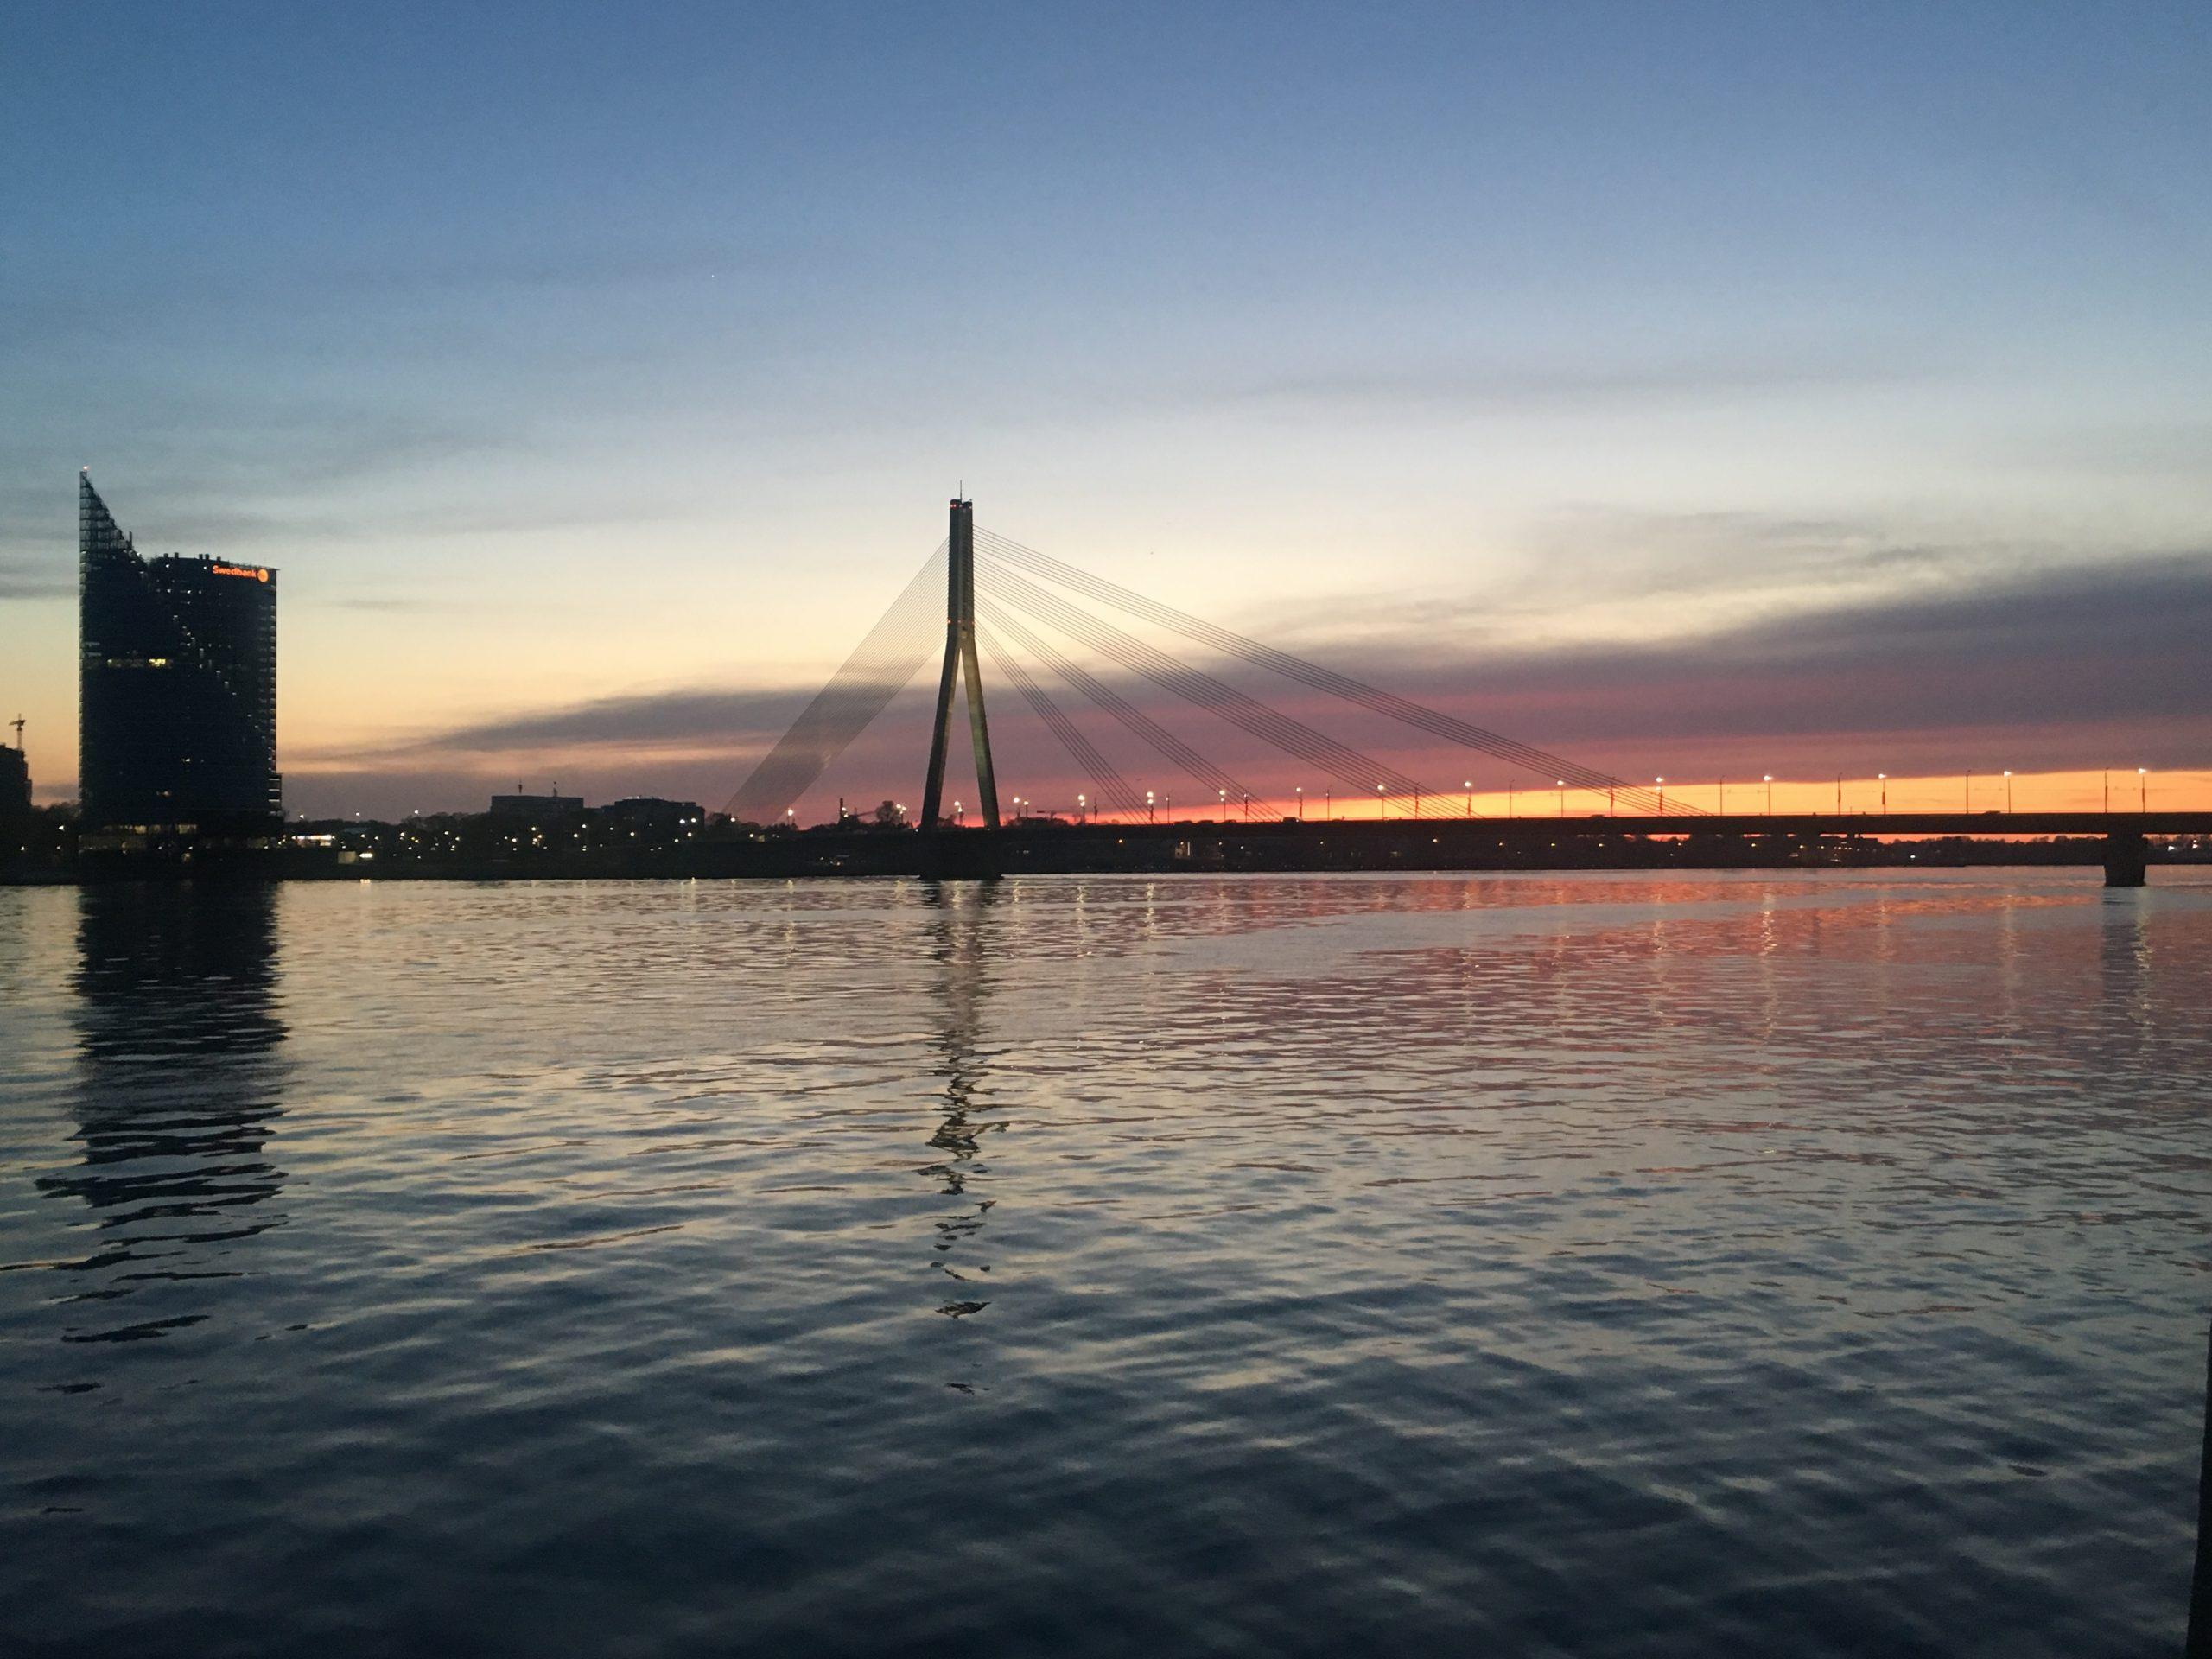 Рига Латвия Даугава мост пейзажи природы Альберт Сафиуллин